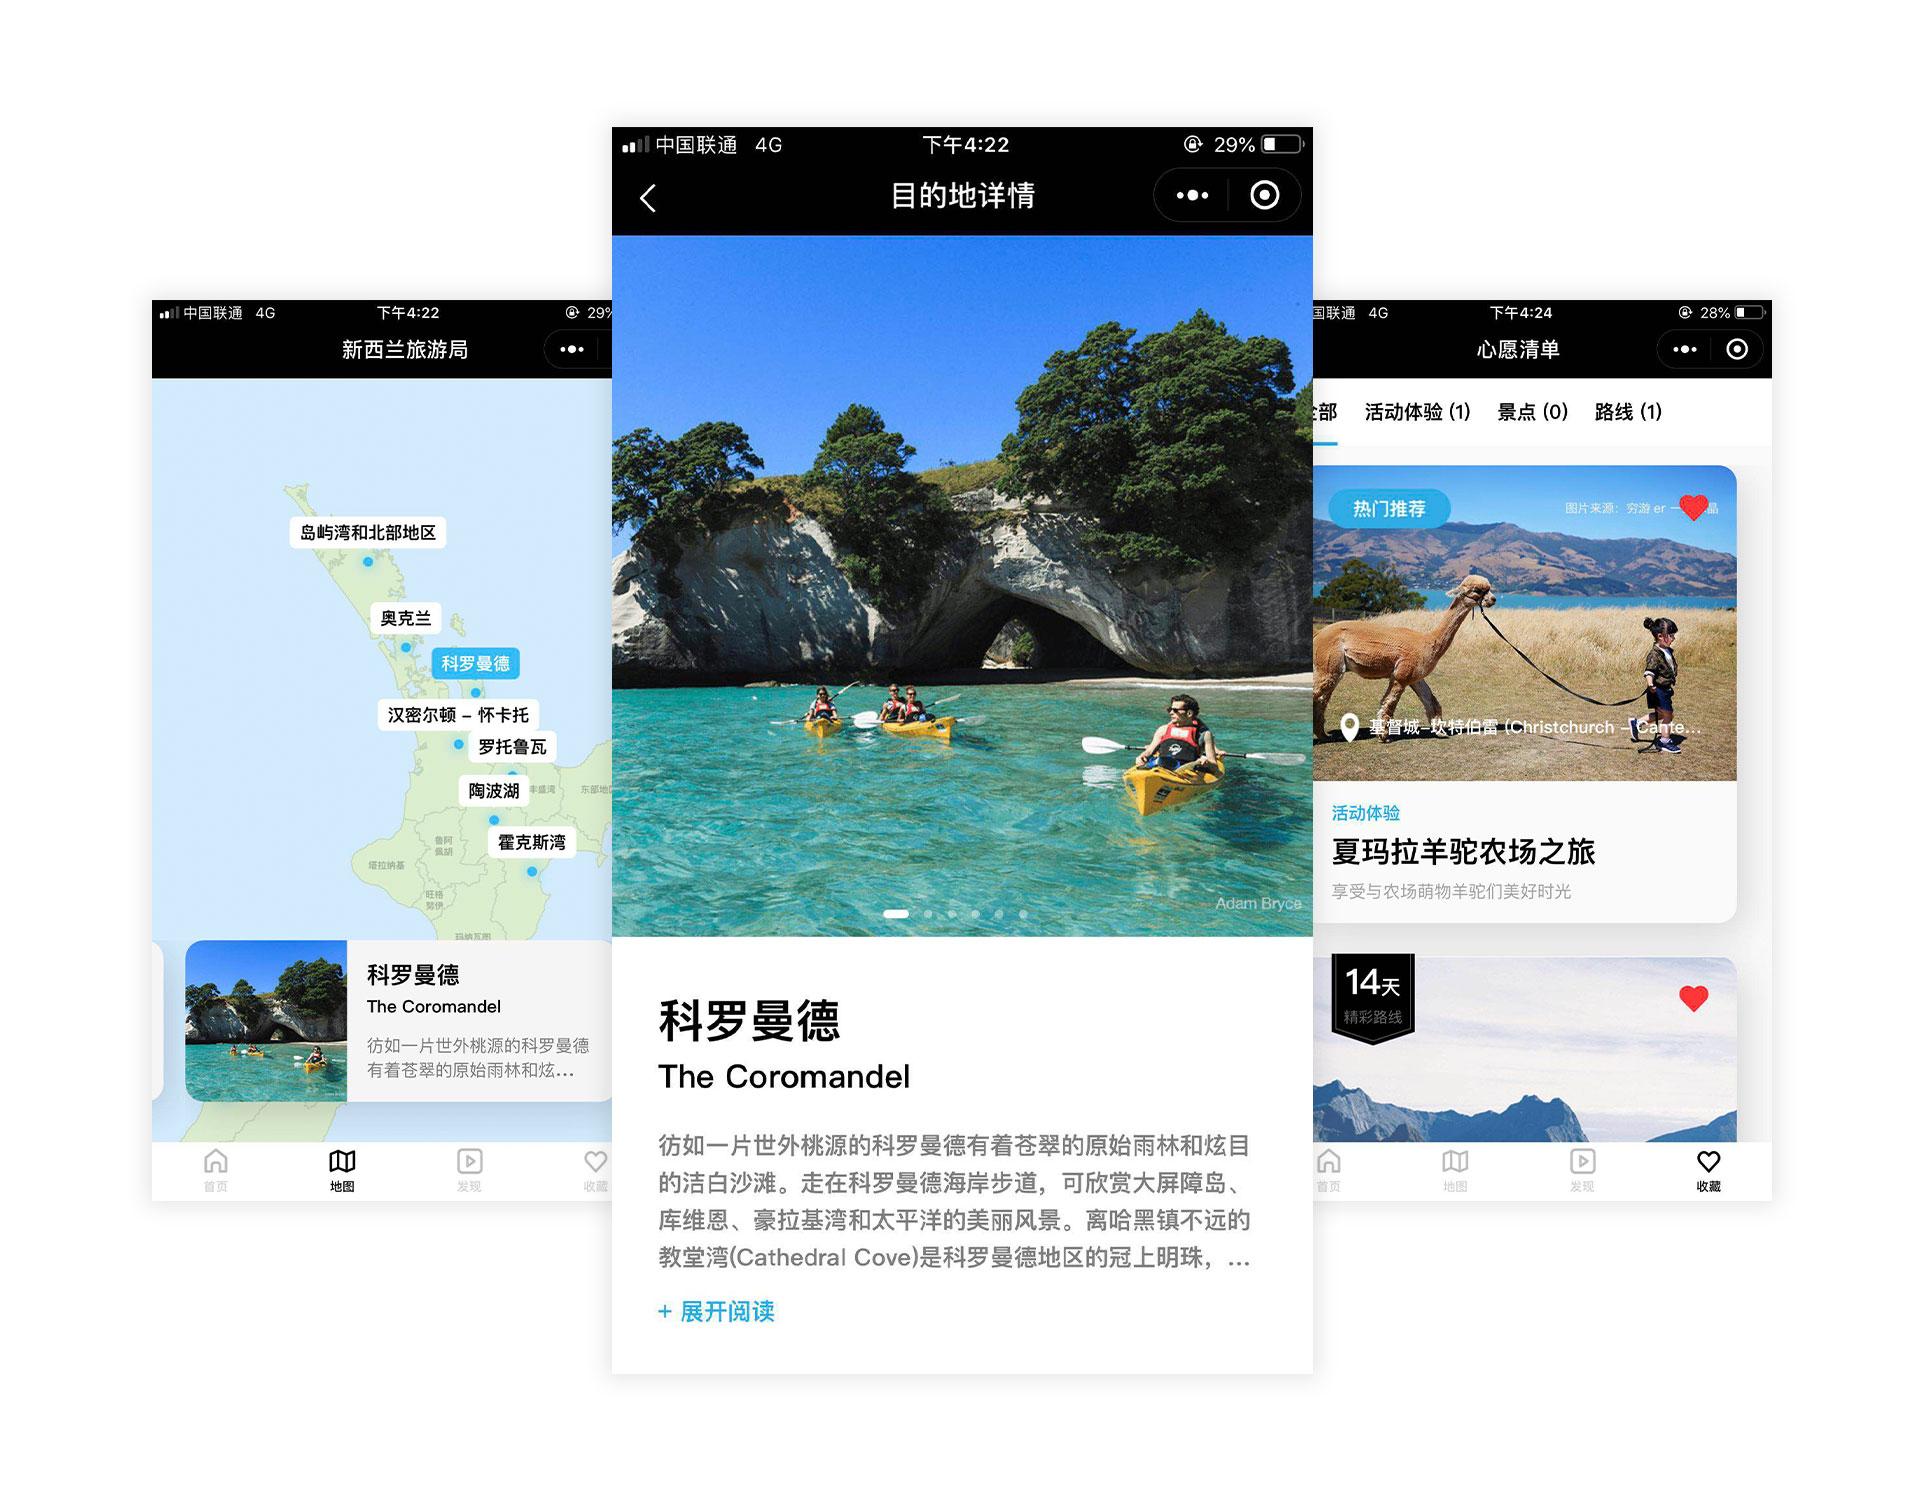 微信小程序/旅游在线预约订票/出行攻略/纪念品商城小程序